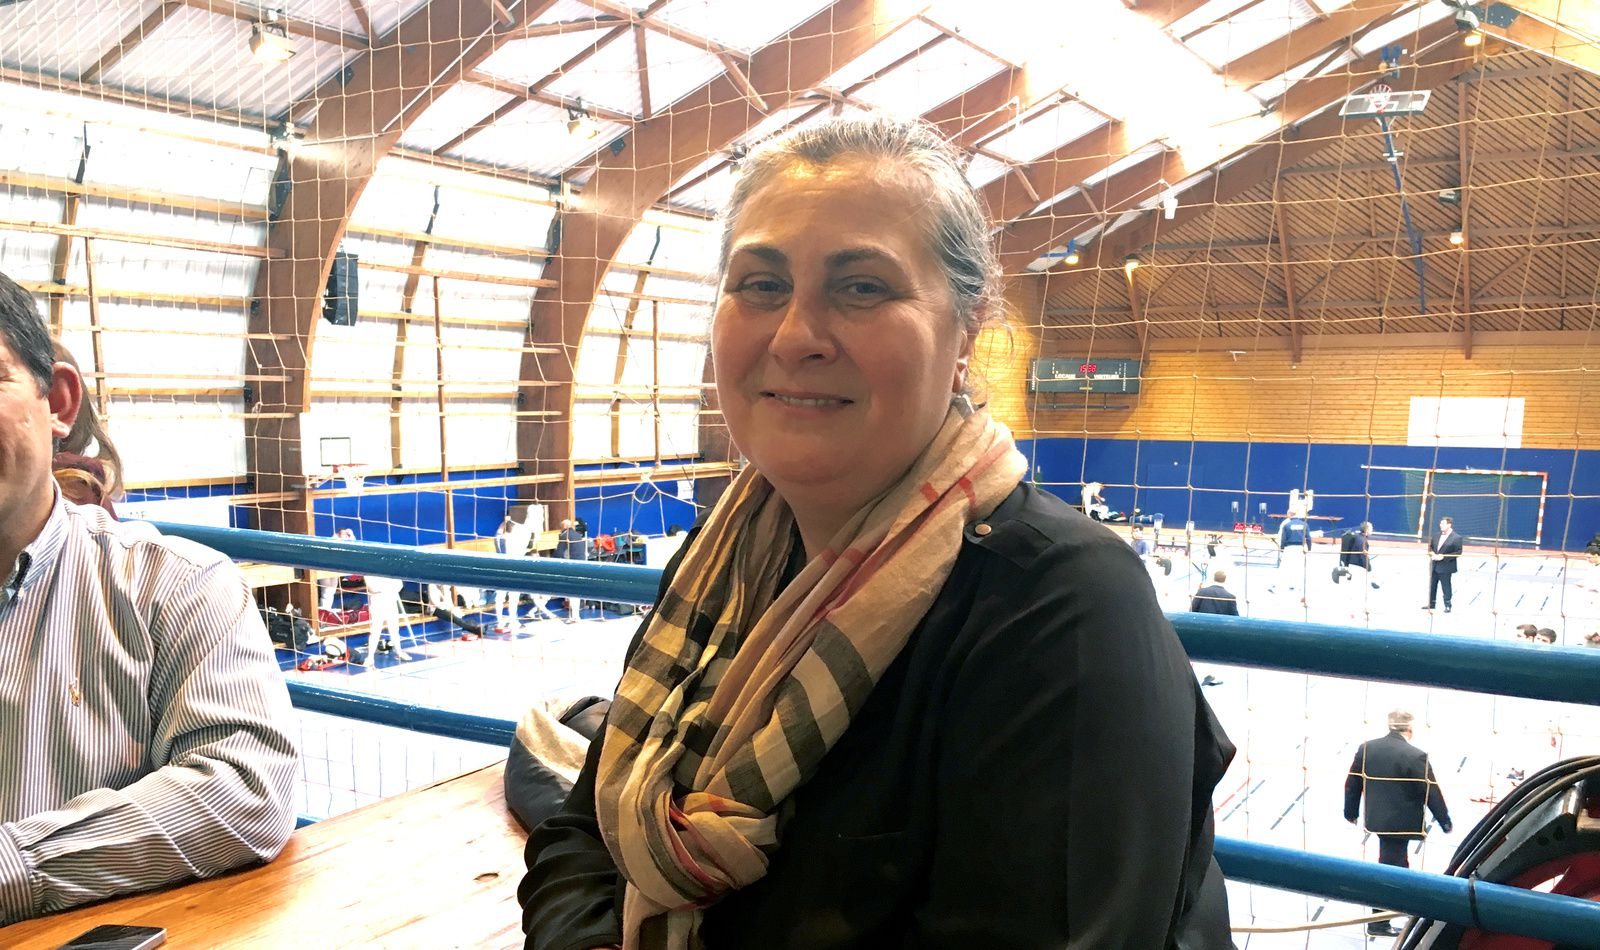 Isabelle Lamour présidente de la Fédération Française d'Escrime en visite ce samedi après-midi à la 16e édition du Circuit national épée de Vénissieux